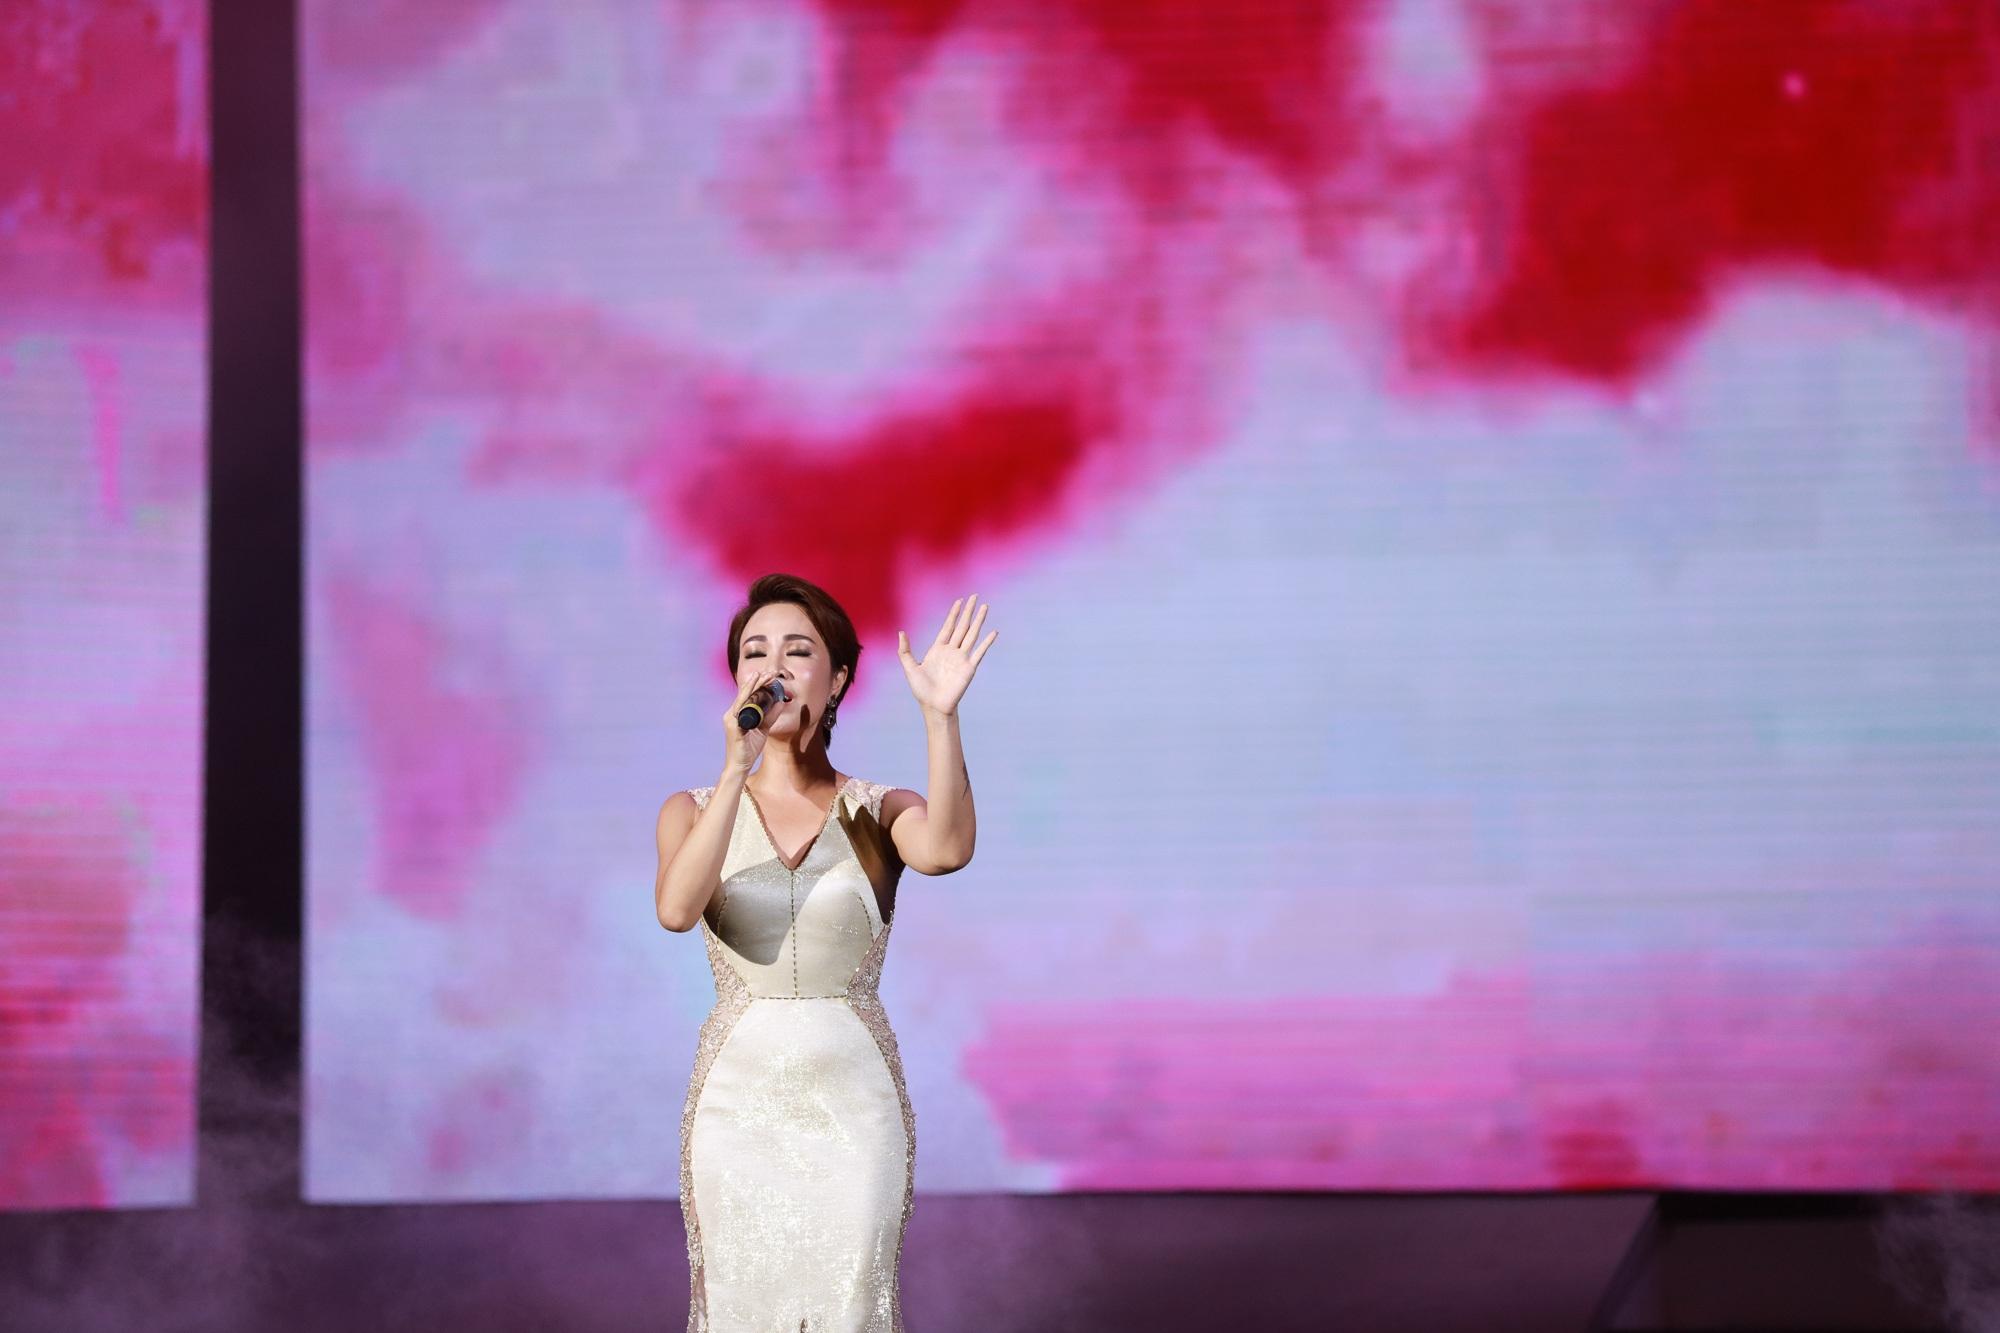 """Uyên Linh phiêu cảm xúc trong """"Cảm ơn tình yêu"""". Những nốt cao, ngân dài trong phần trình diễn của Uyên Linh nhận được nhiều tràn vỗ tay khen ngợi của khán giả"""